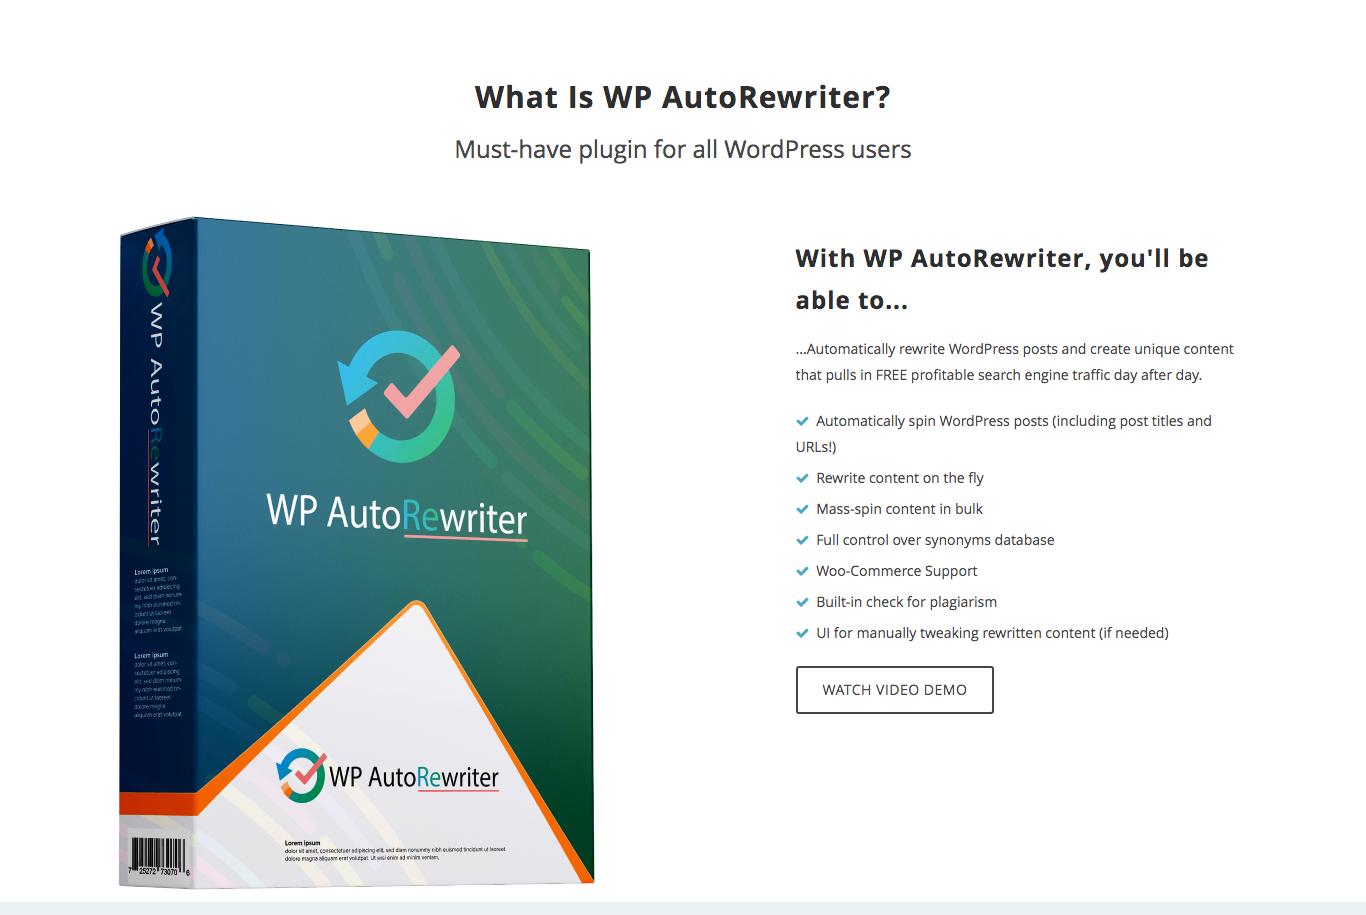 WP AutoRewriter